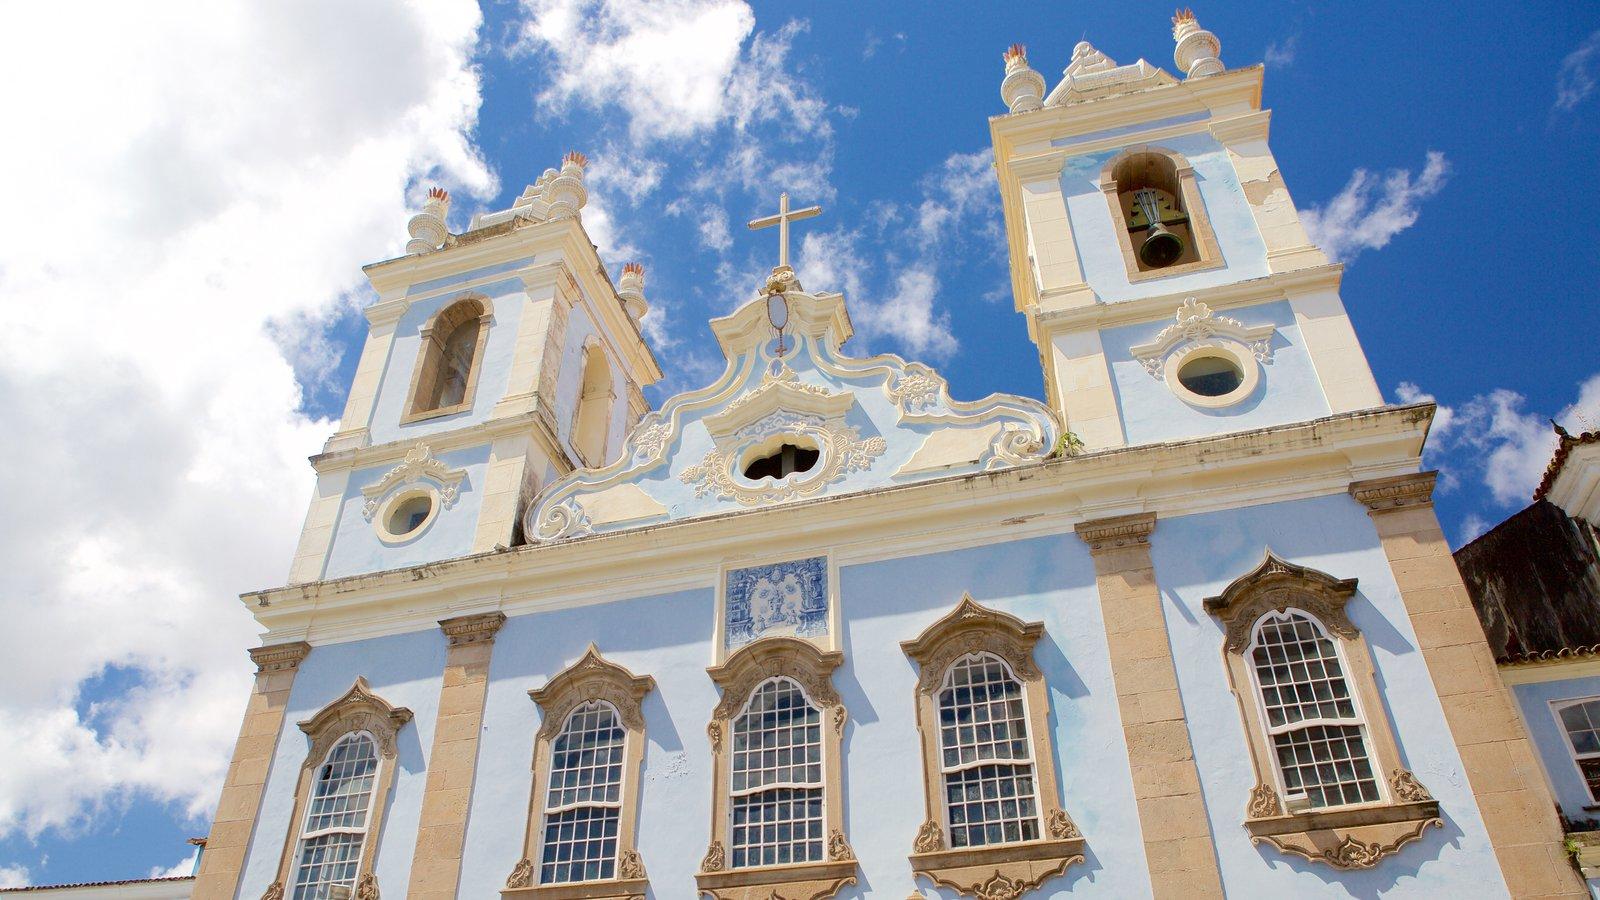 Nossa Senhora do Rosário dos Pretos mostrando uma igreja ou catedral, aspectos religiosos e elementos de patrimônio